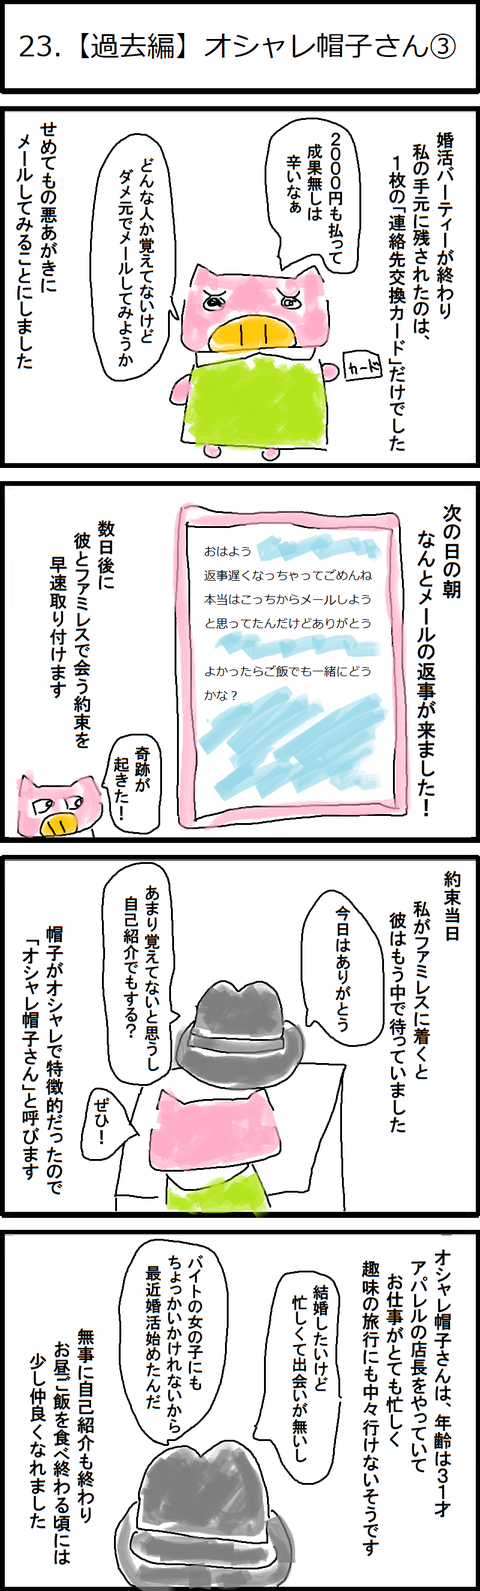 23.【過去編】オシャレ帽子さん③